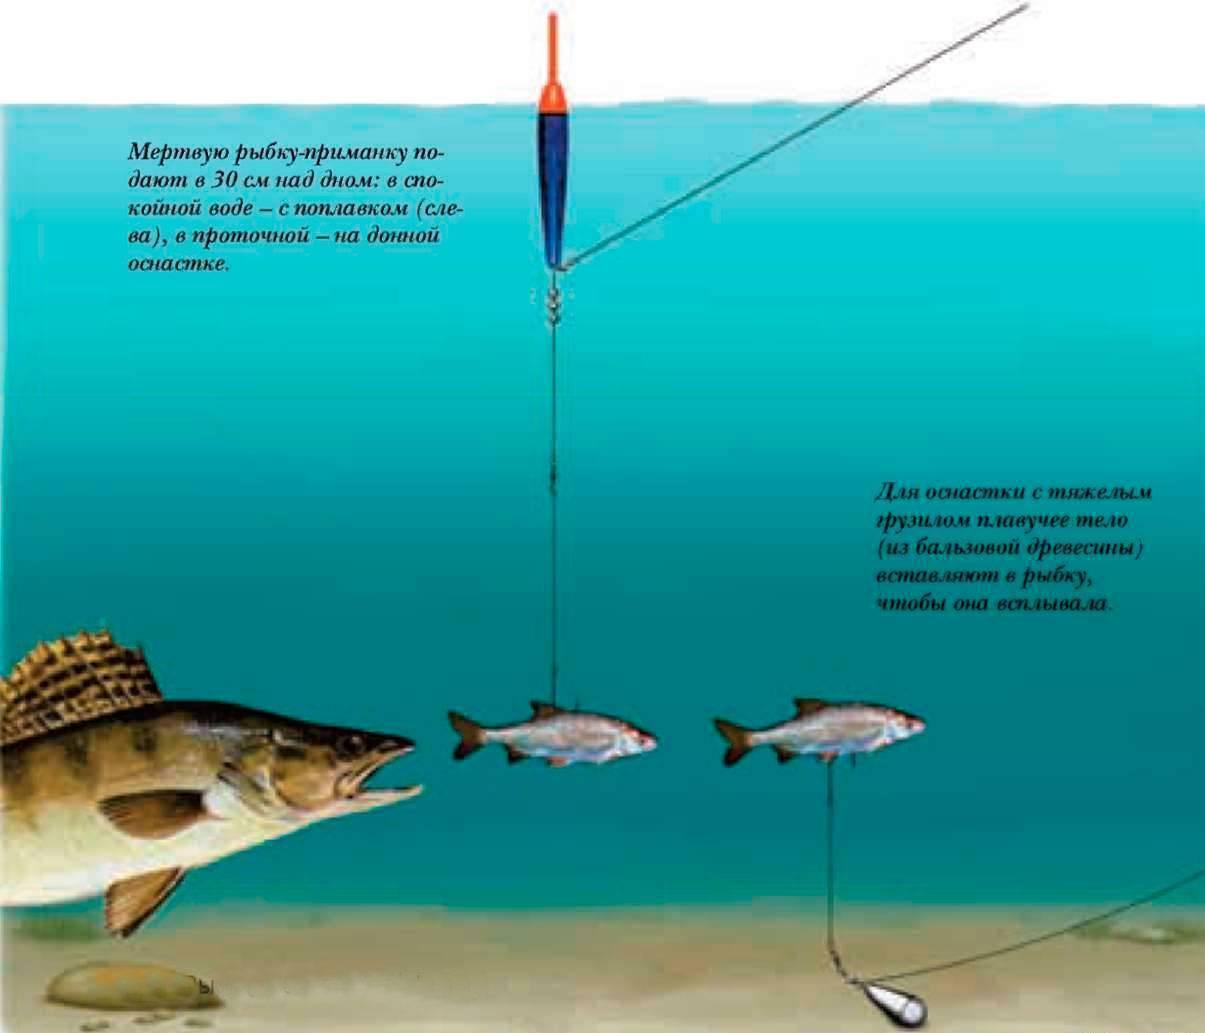 Как ловить судака осенью: время и место ловли, снасти и приманки